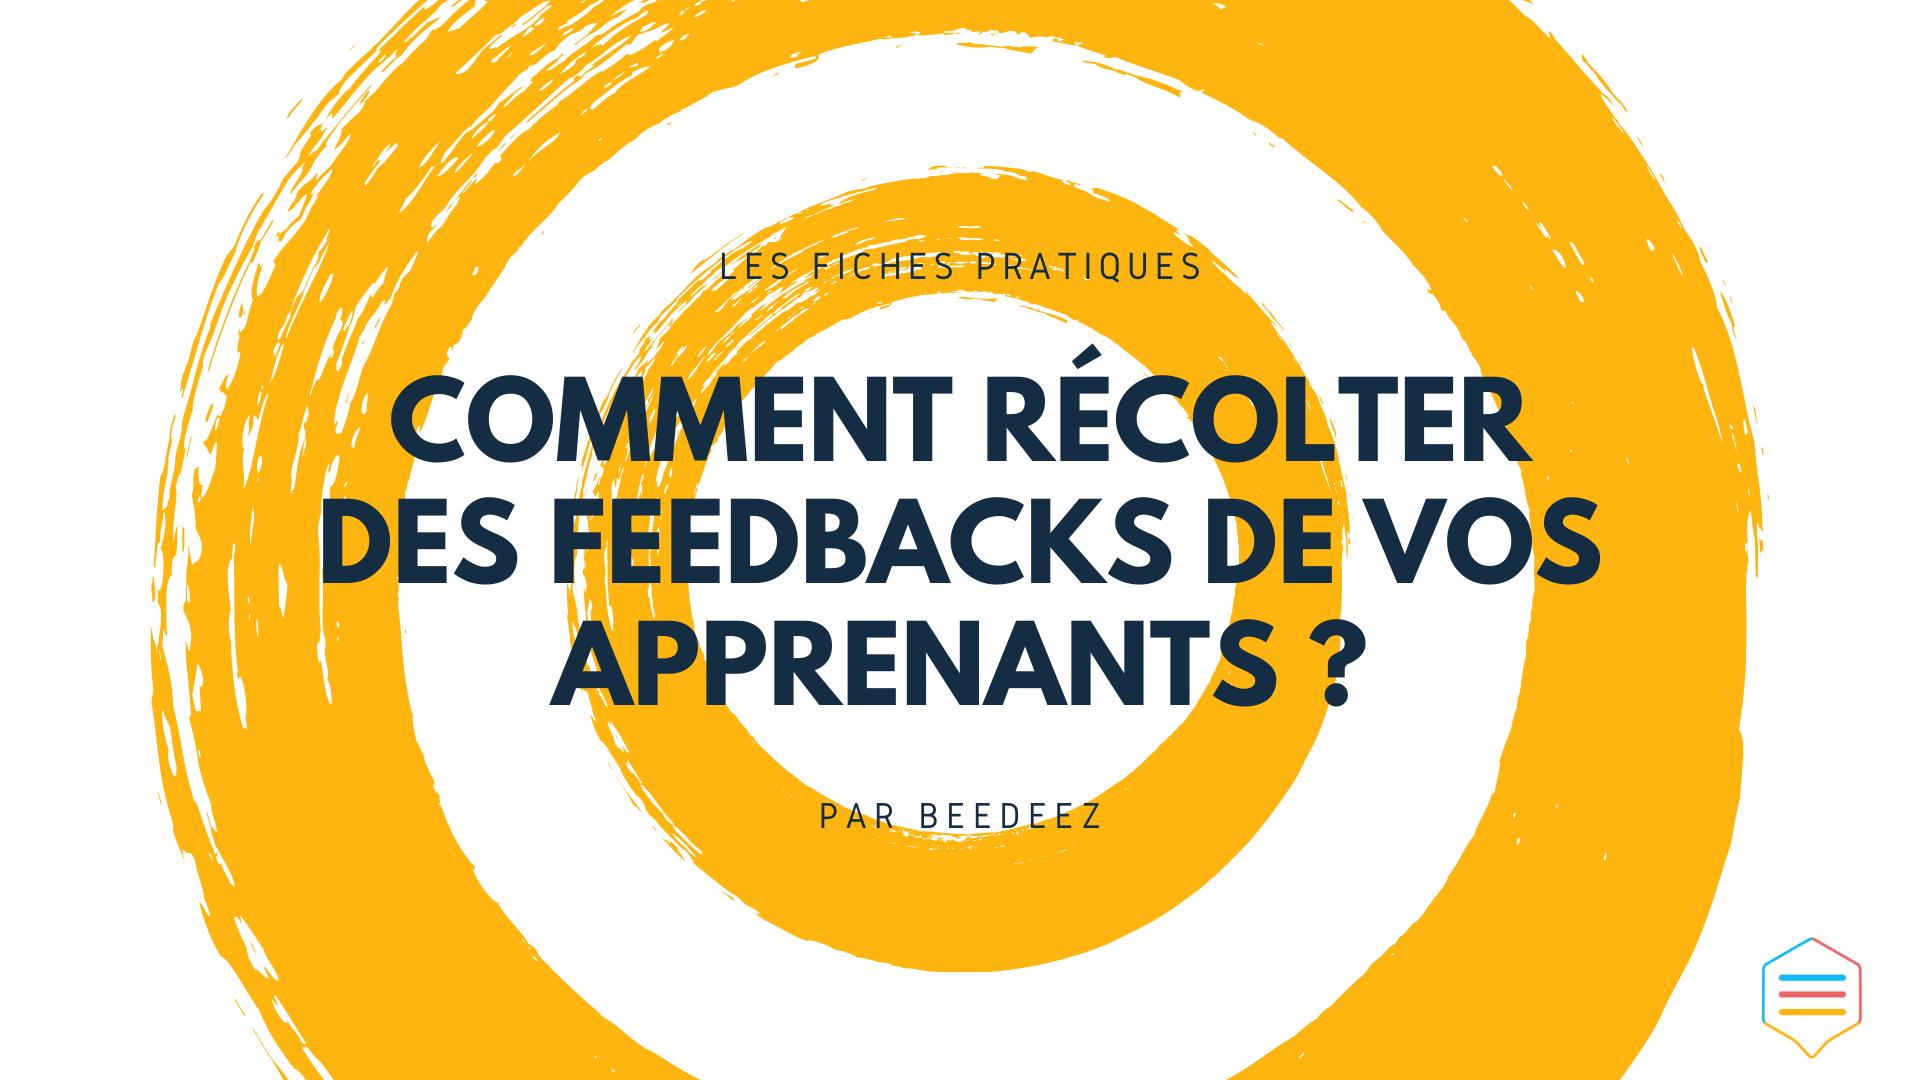 Comment récolter des feedbacks de vos apprenants ?